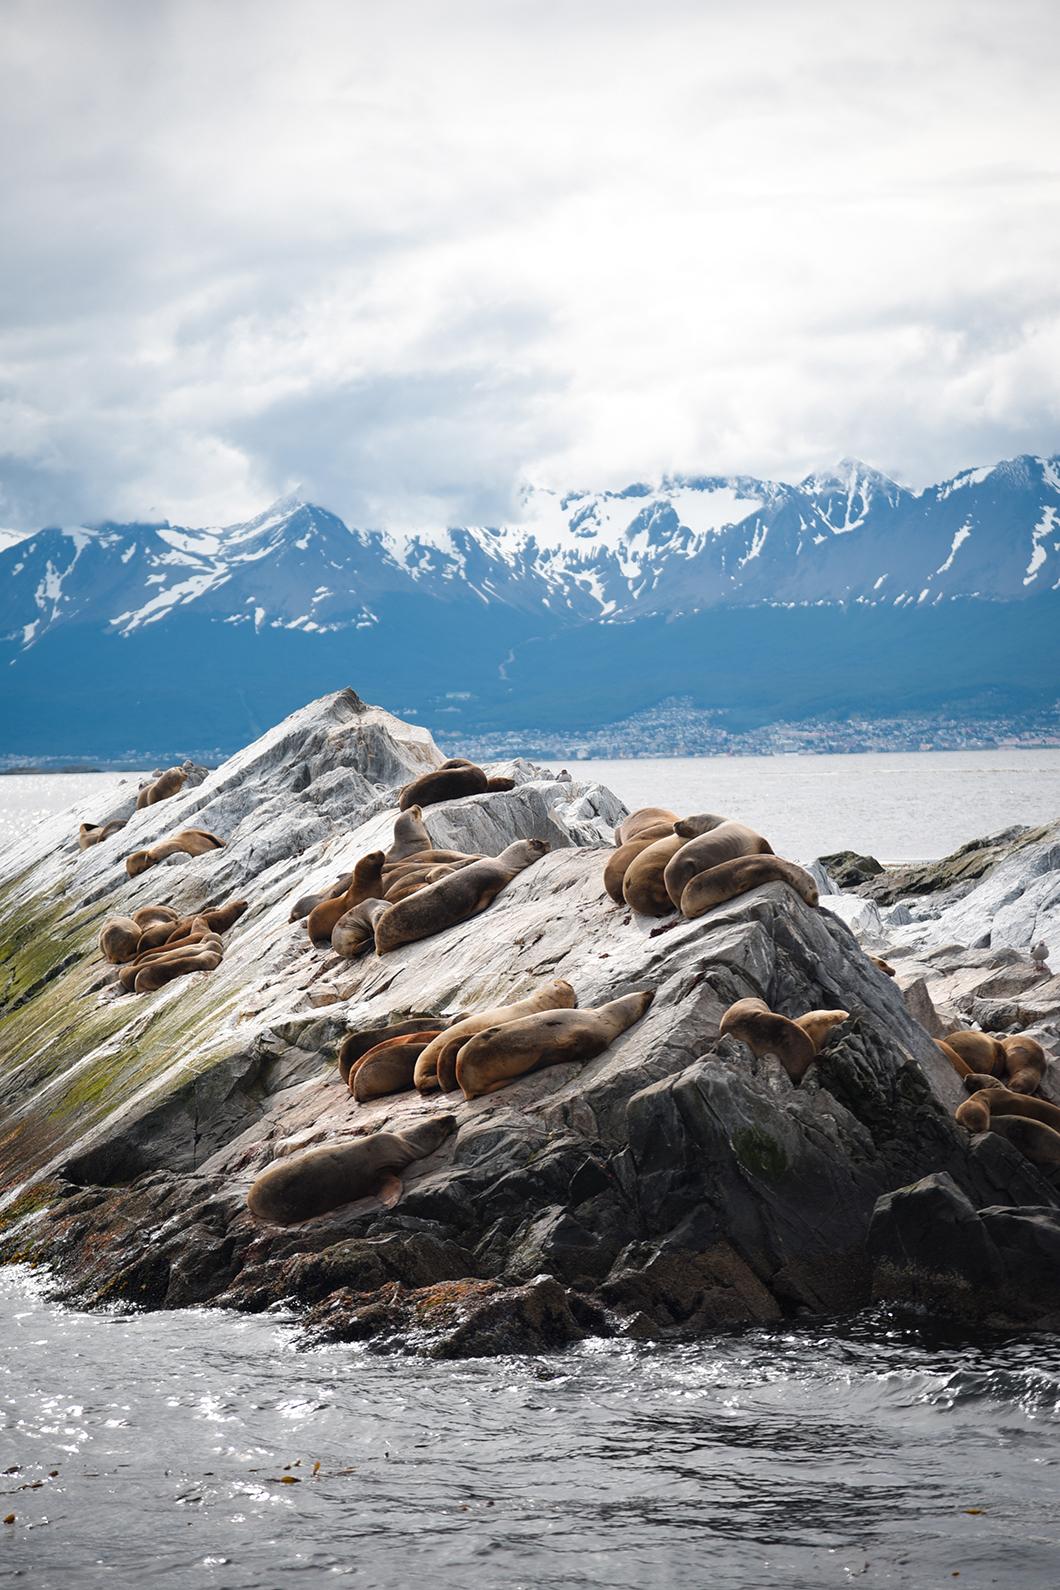 Les phoques d'Ushuaia en Patagonie